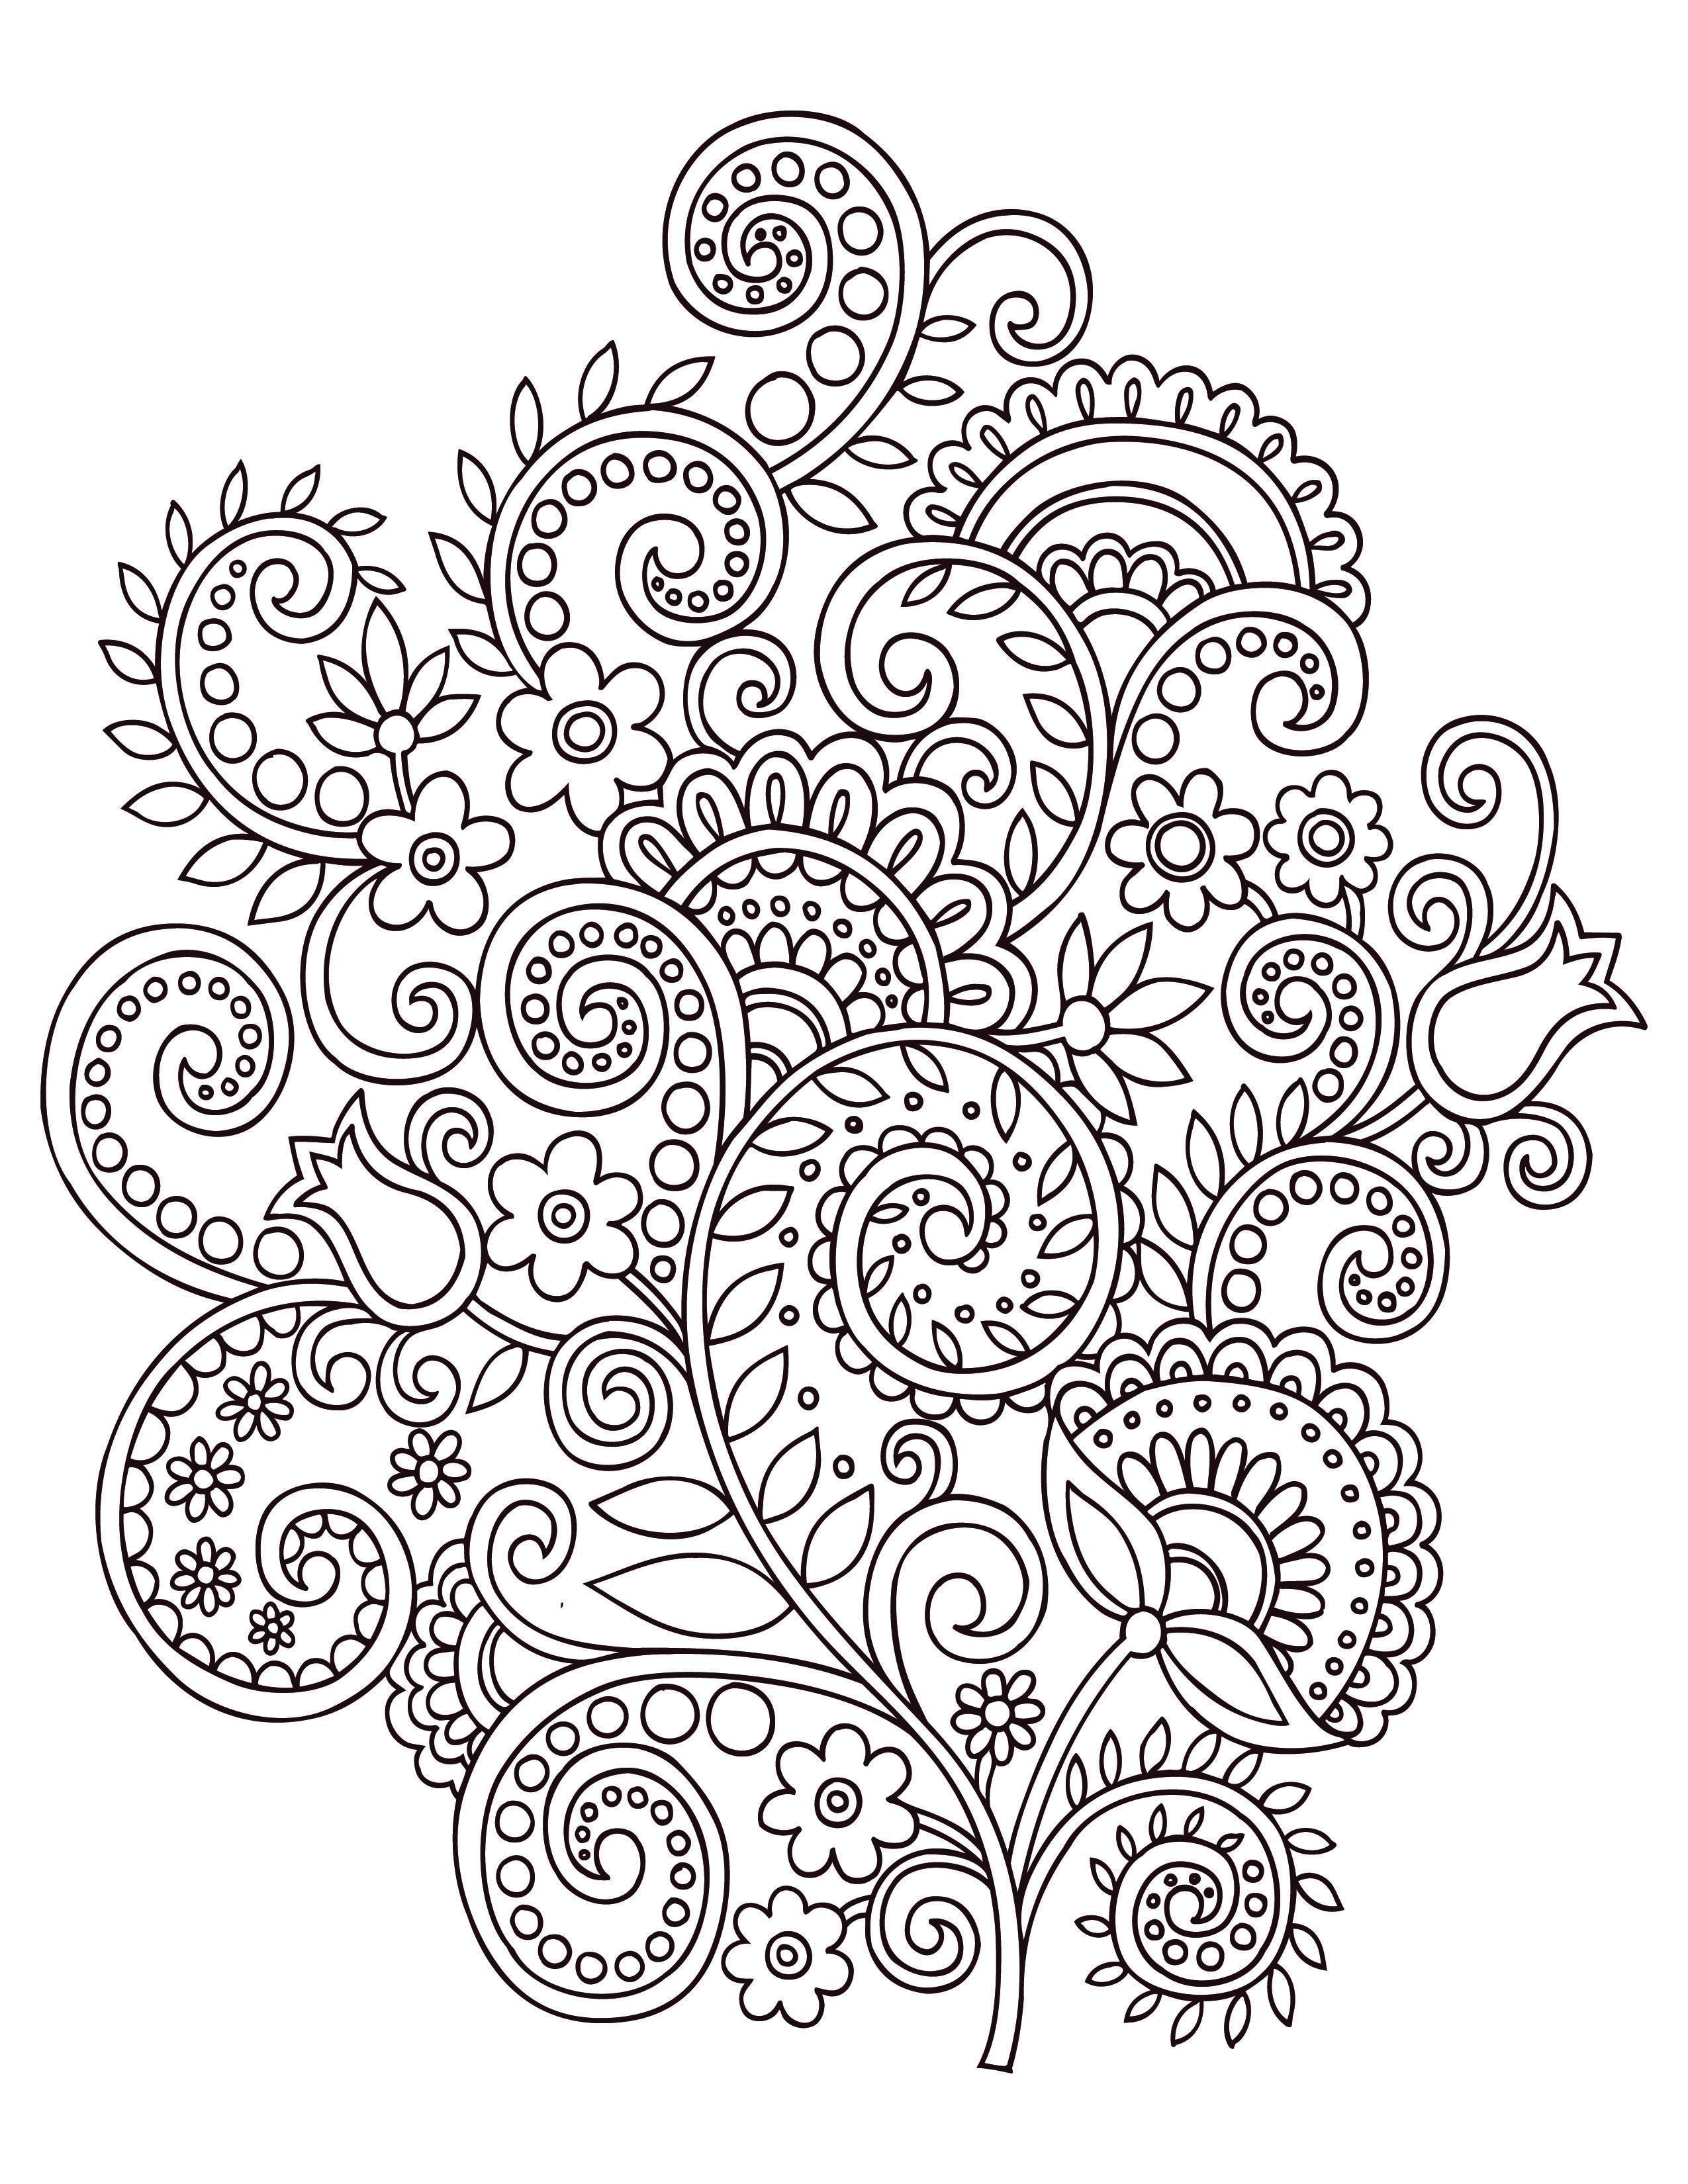 Fleurs Doodle Coloriage Anti Stress Gratuit   Coloring encequiconcerne Coloriage Mandala Anti Stress